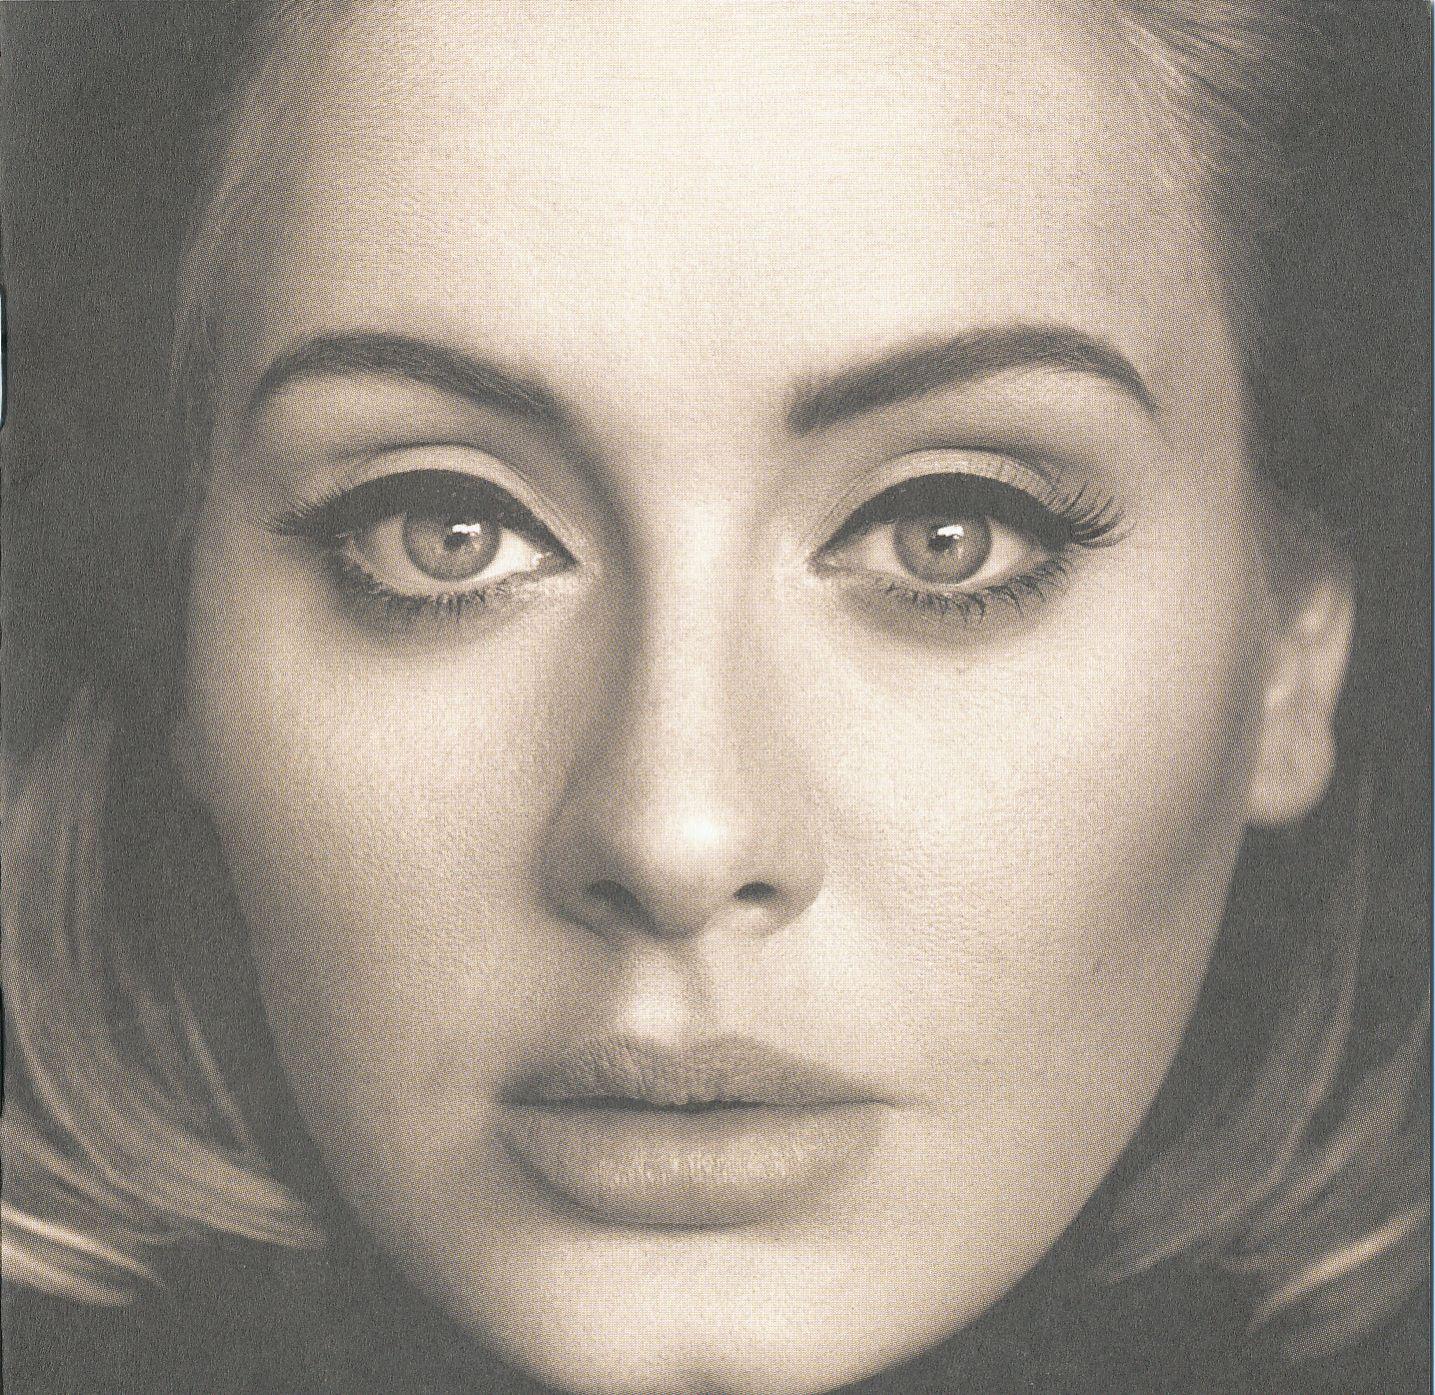 Adele - 25 album cover